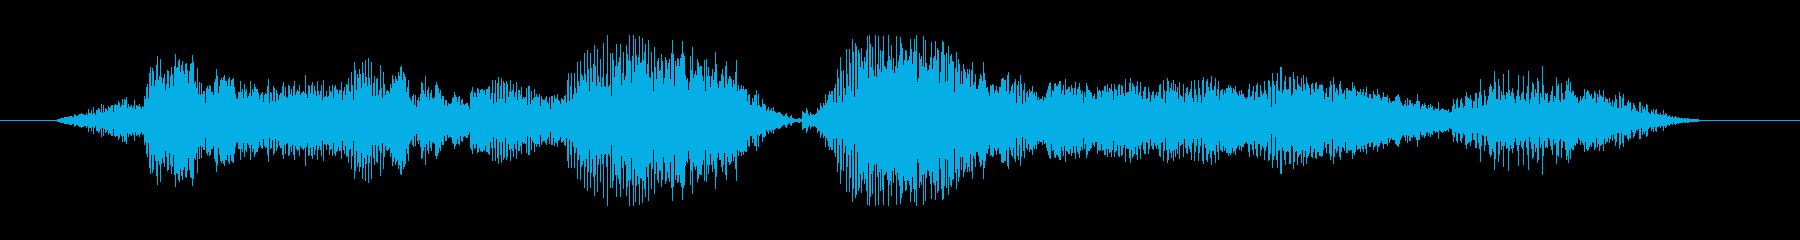 「接続が解除されました」の再生済みの波形